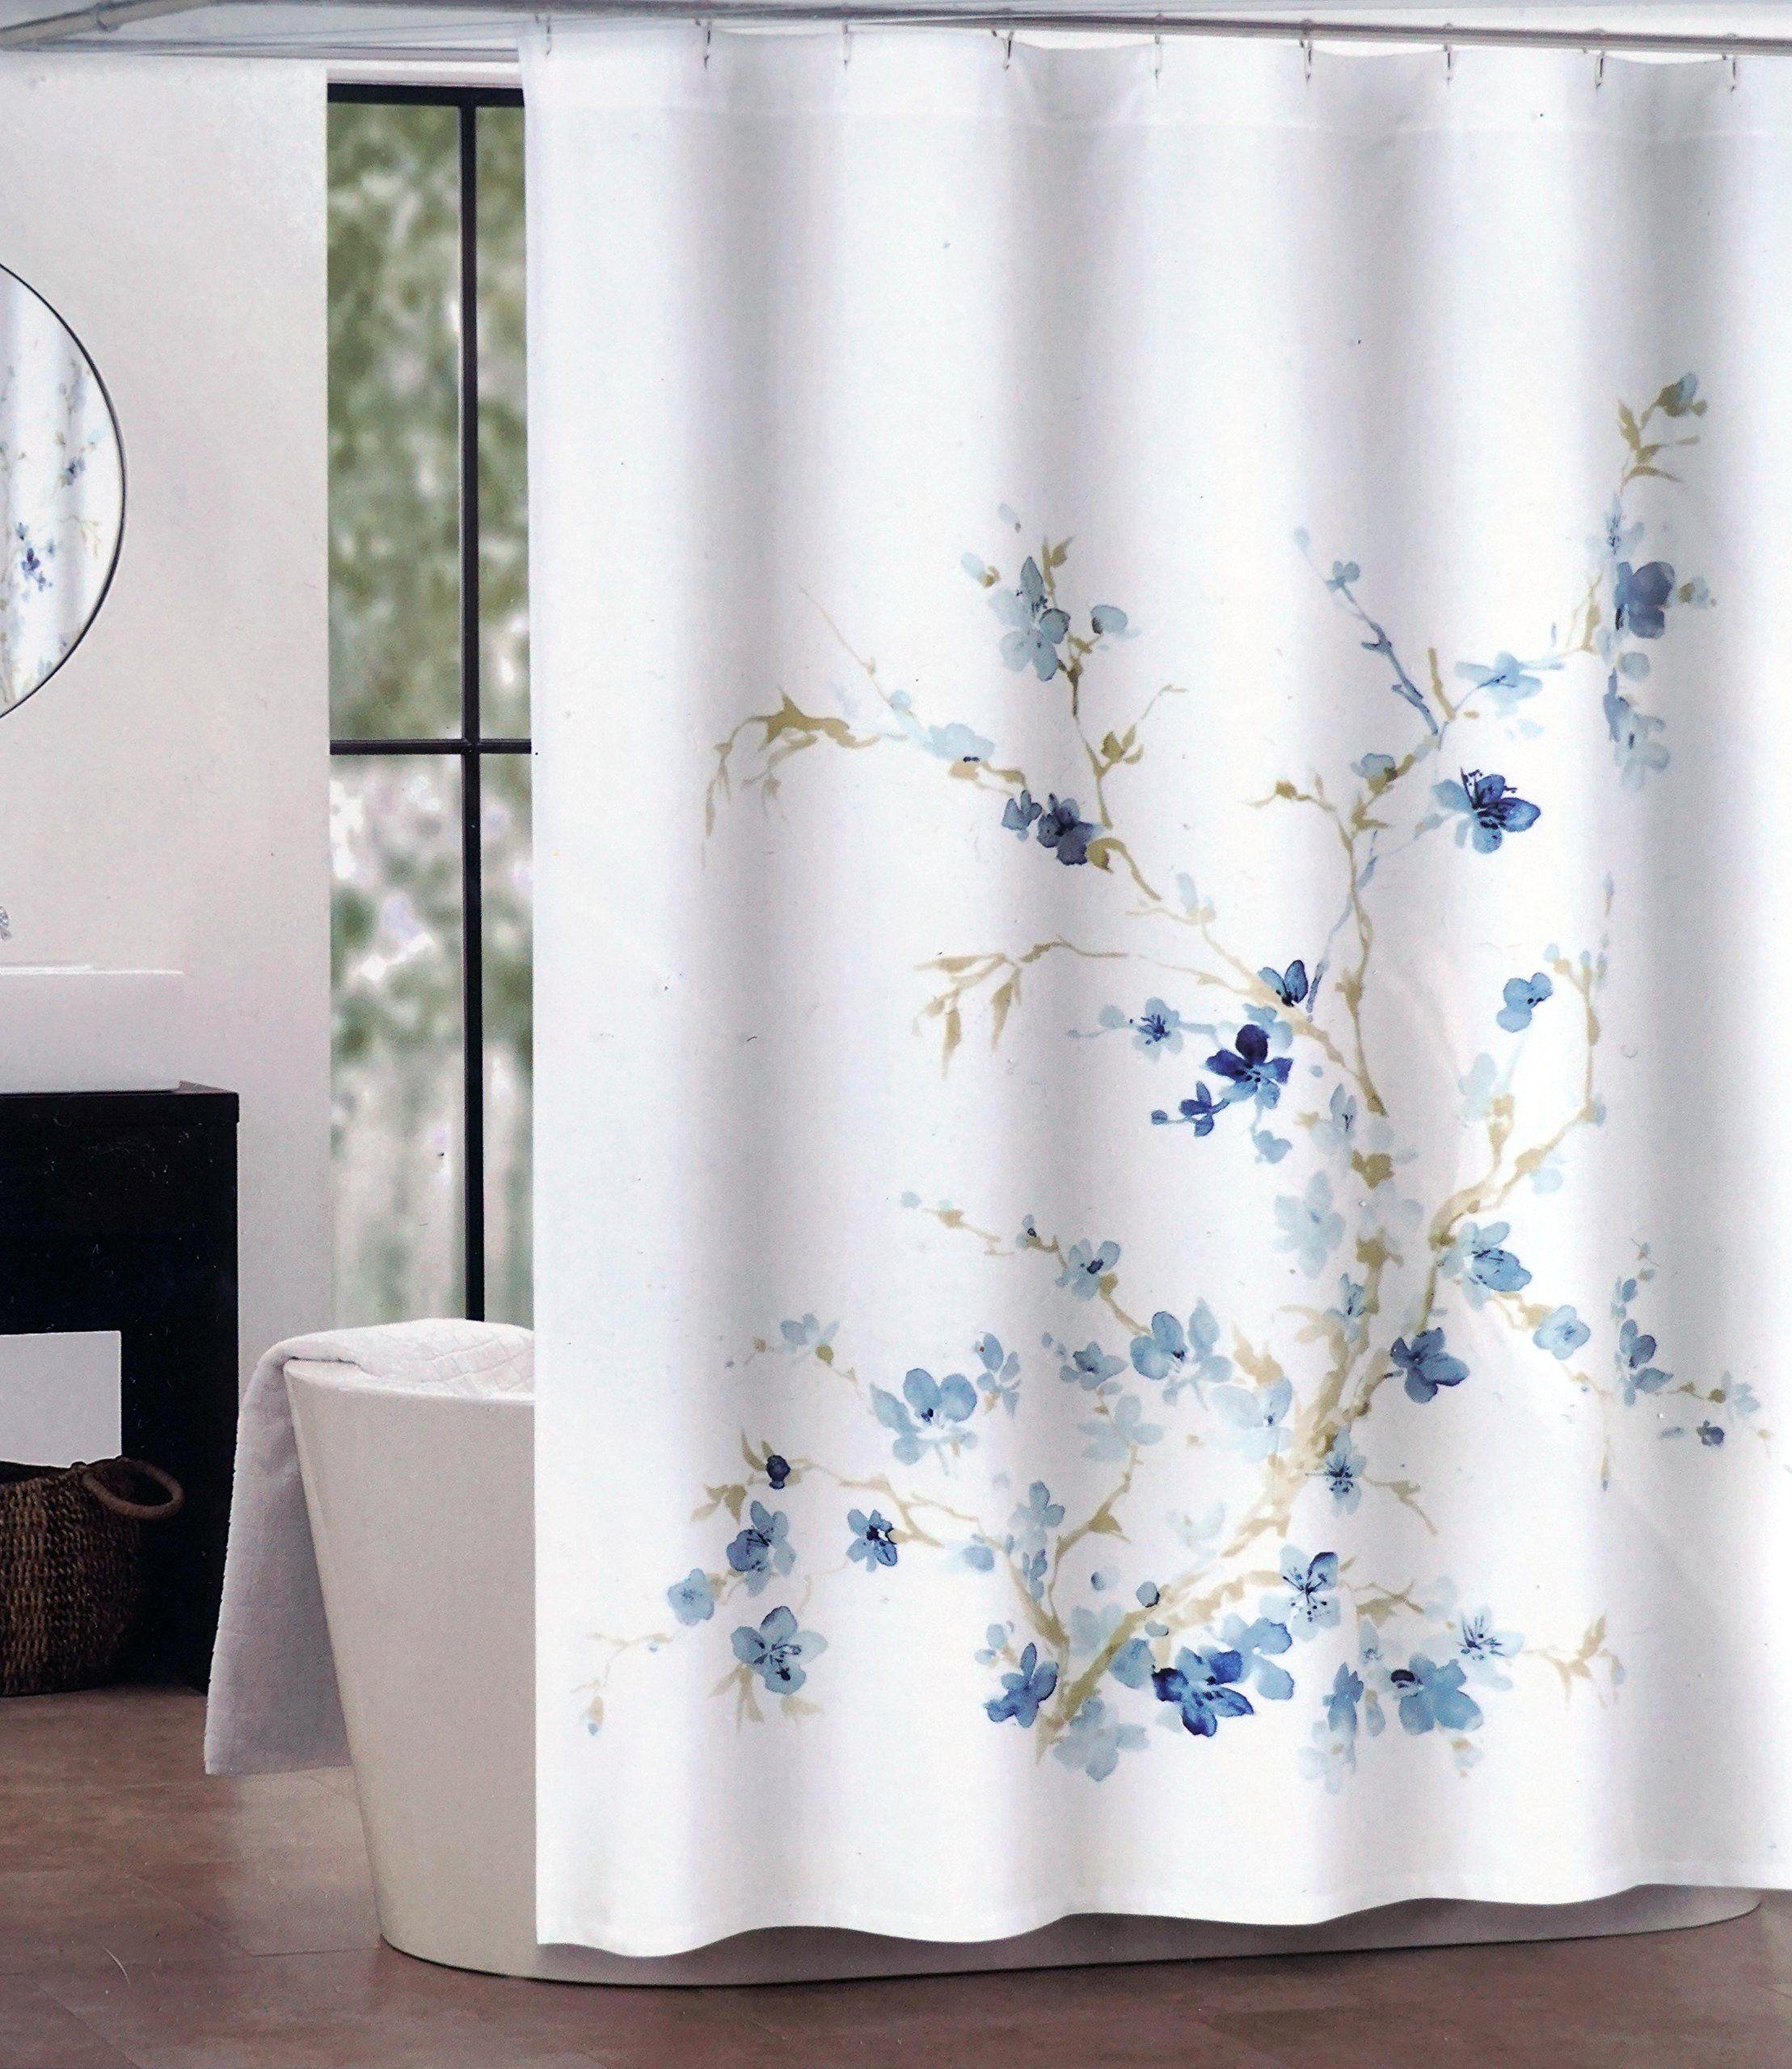 tahari fabric shower curtain dark and